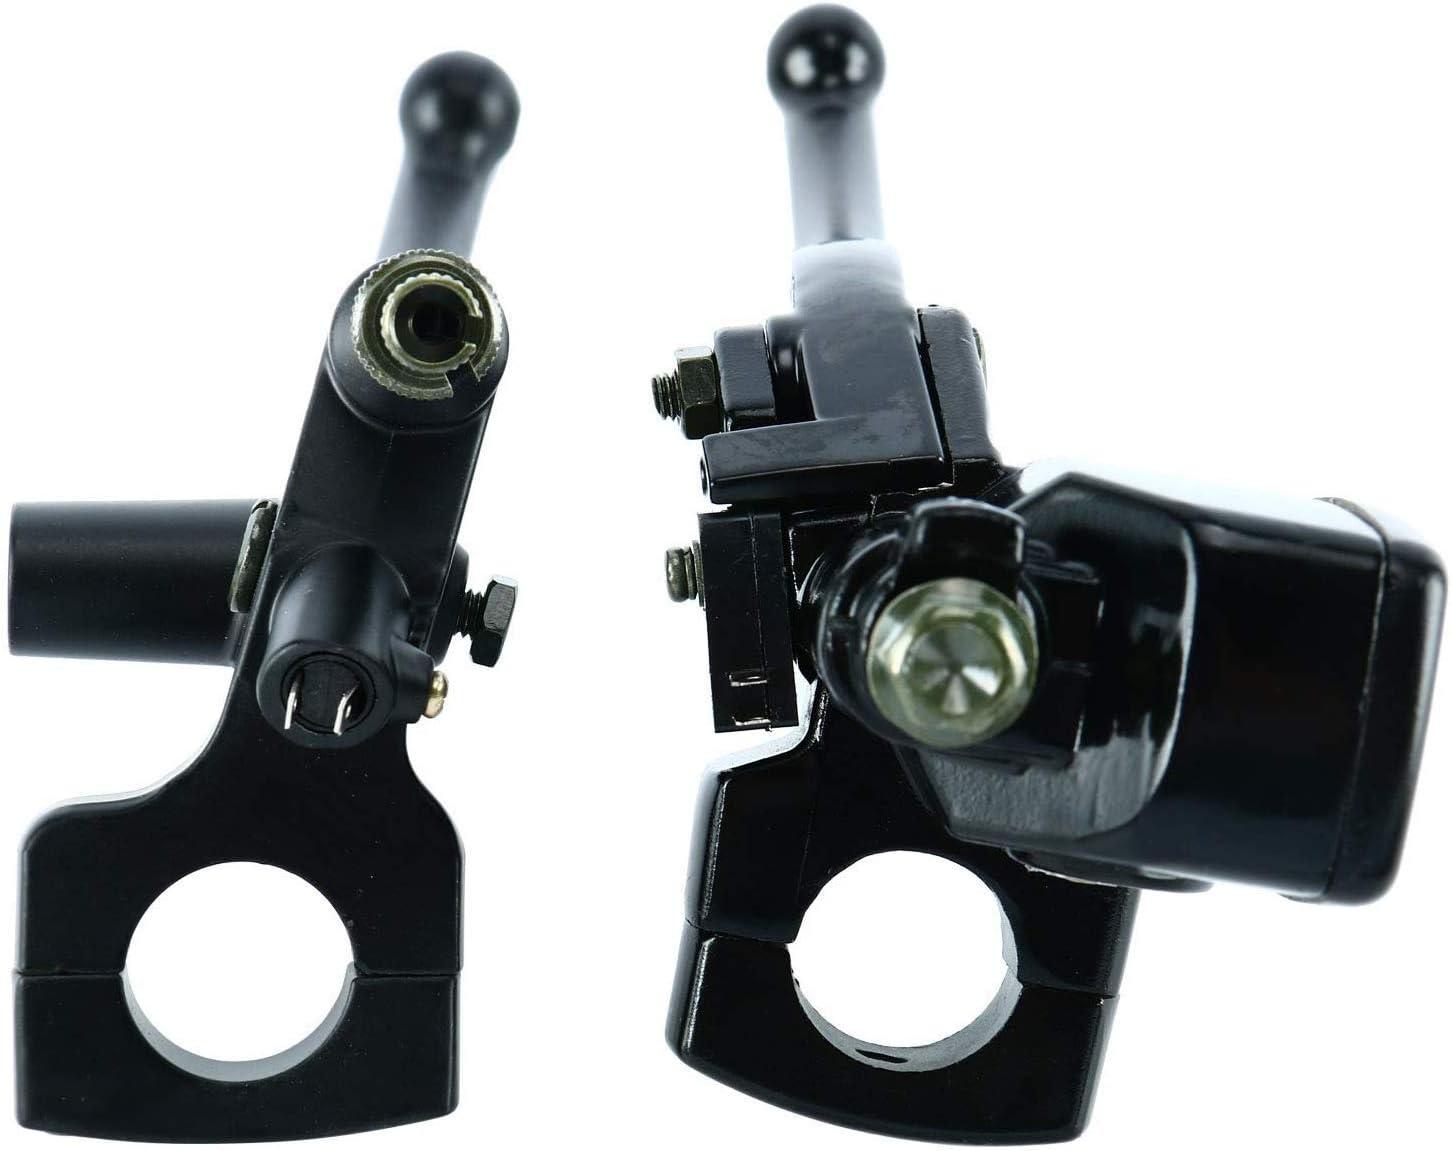 XIEQUN Links Rechts Black 1 Lenkerhauptzylinderbeh/älter Bremshebel vorne Chrome Hydraulische Bremszylinder for H o n d a Kawasaki Suzuki Y A M A H A